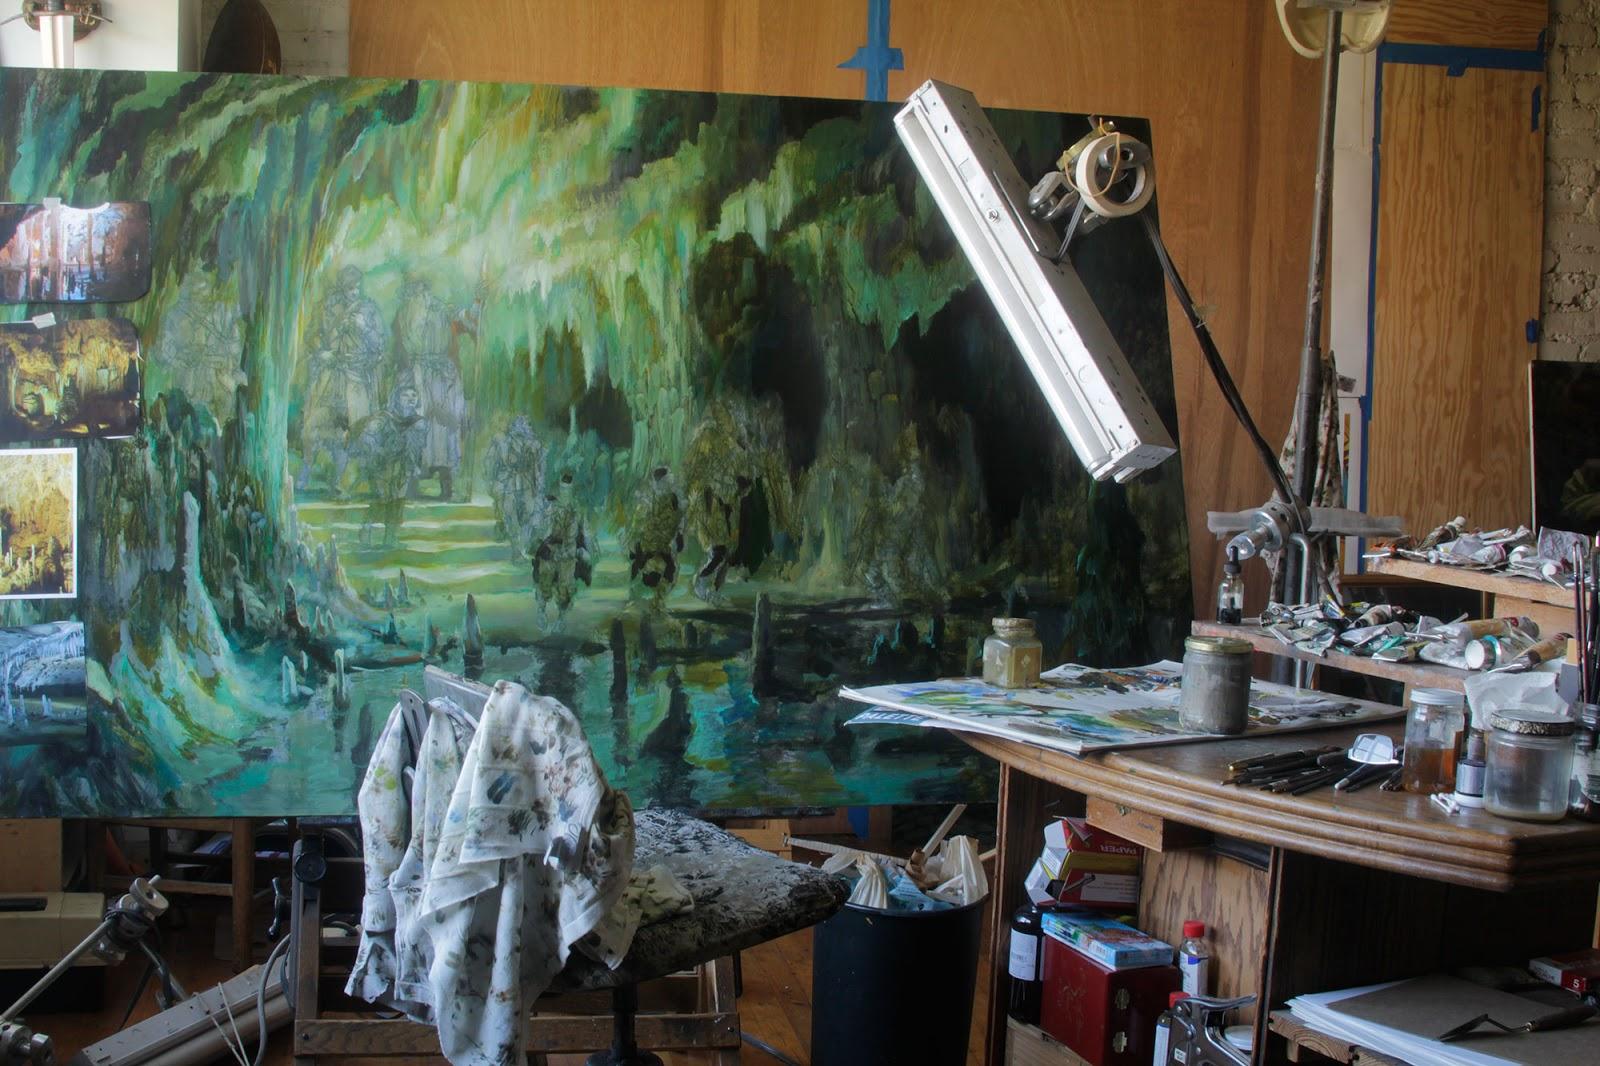 Donato Arts Open Studio